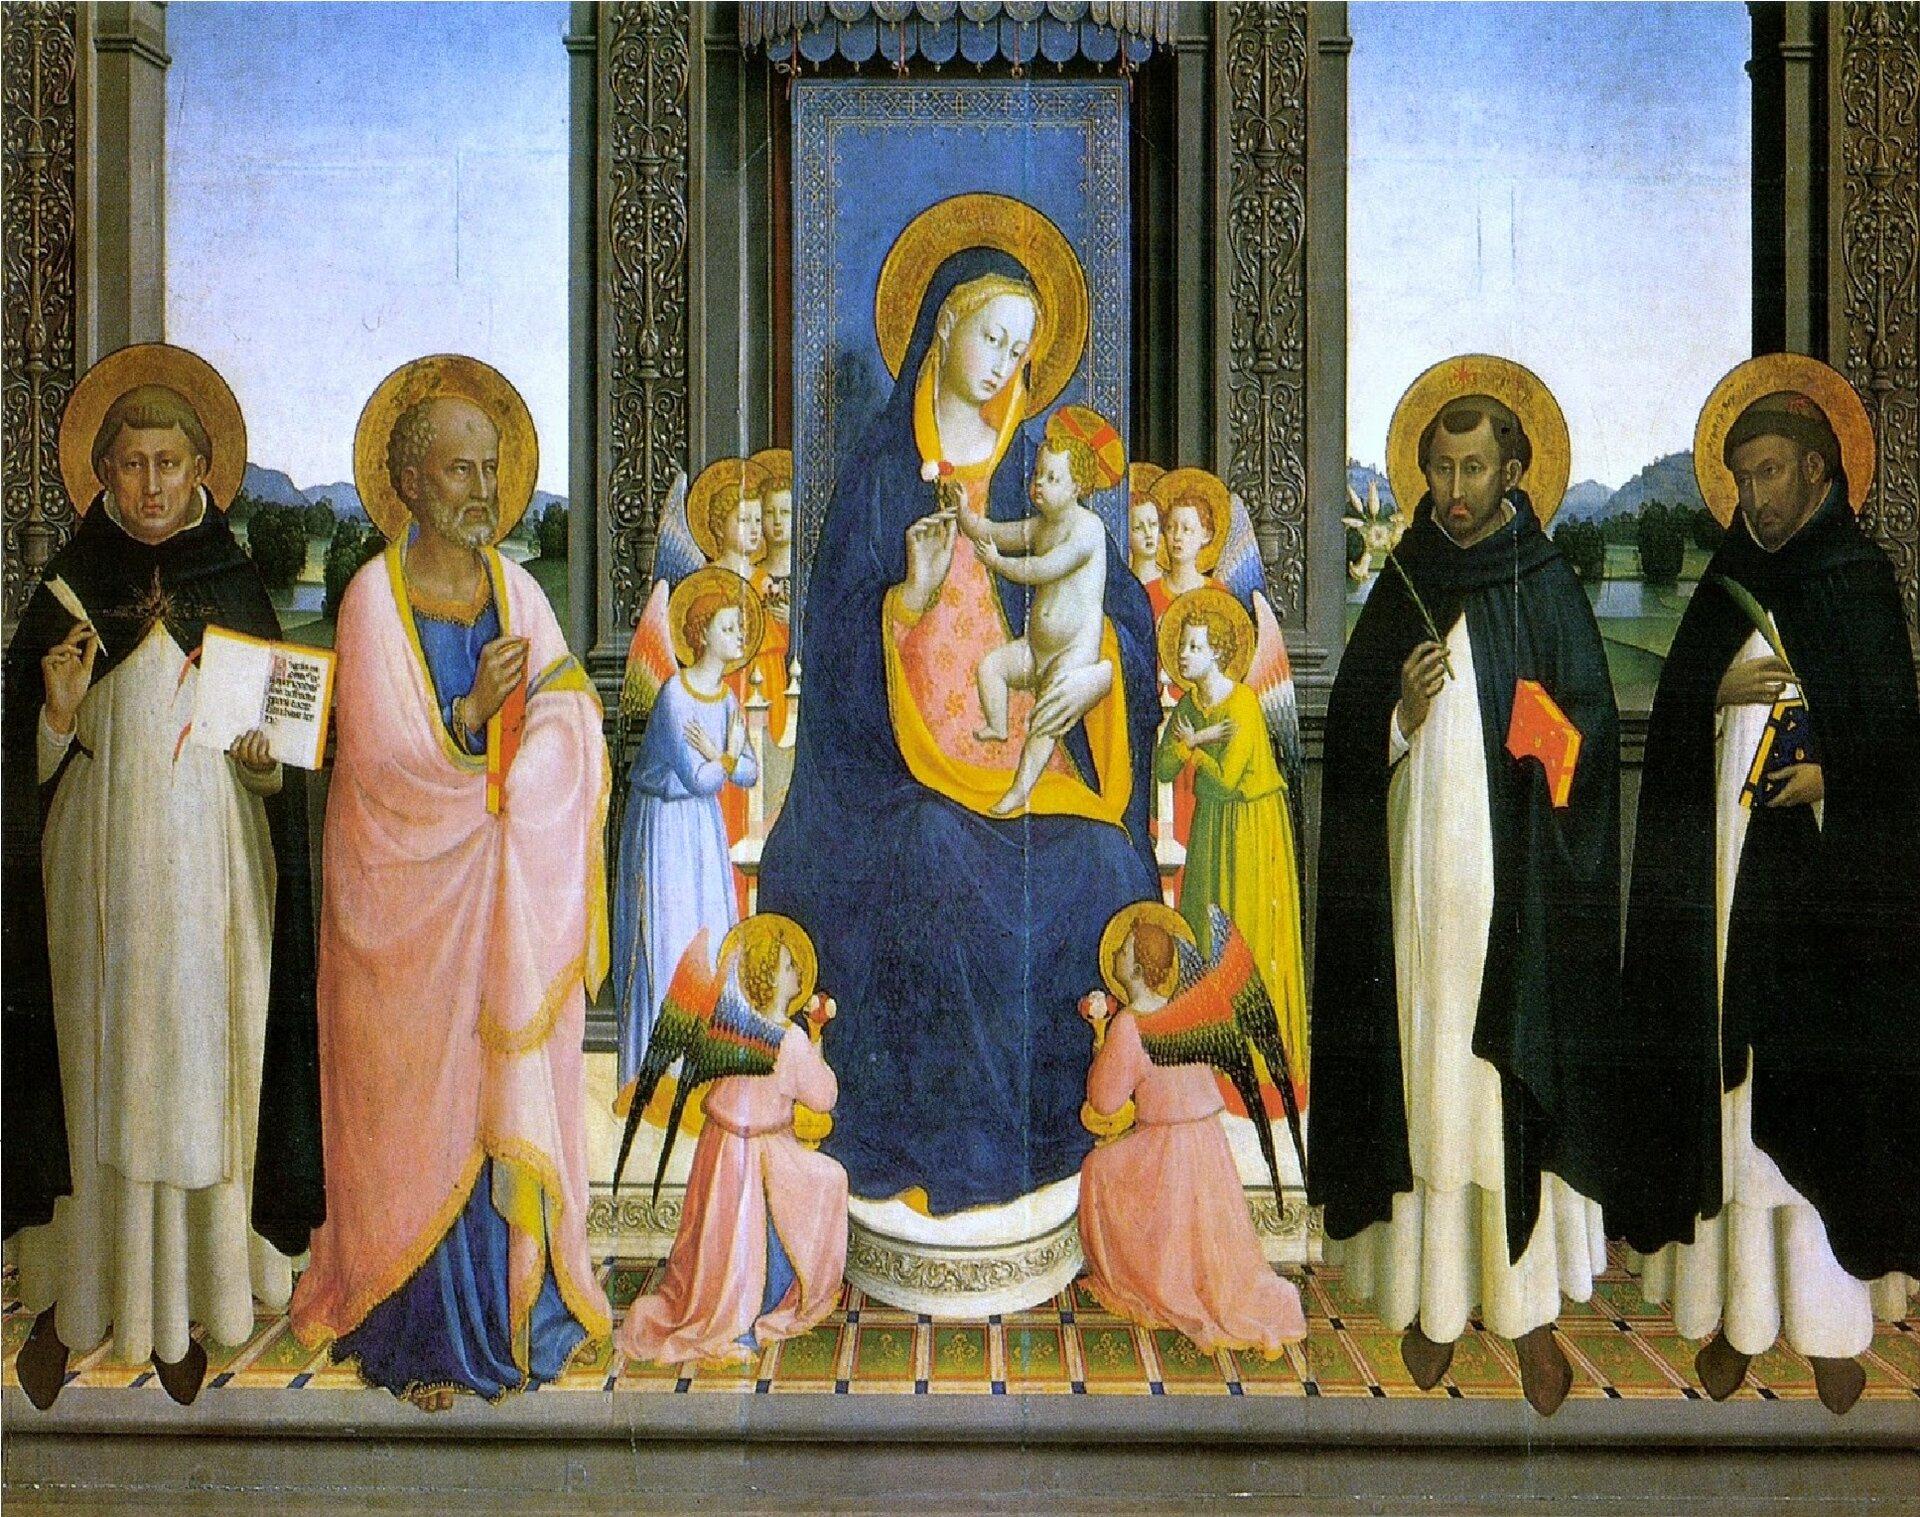 """Ilustracja przedstawia obraz """"Madonna zDzieciątkiem"""" autorstwa Fra Angelico. Dzieło ukazuje Matkę Boską zDzieciątkiem zasiadającą na wysokim tronie zbaldachimem. Umieszczona wcentrum postać Marii ubrana jest wczerwoną suknię okrytą ciemno-niebieskim płaszczem zżółtym wykończeniem. Jej ujęta zpółprofilu twarz wyraża smutek, oczy skierowane są na odbiorcę. Na kolanach trzyma małego, nagiego Jezusa. Postać Marii otoczona jest aniołami. Po obu stronach świętej pary artysta umieścił postacie proroków iświętych waureolach. Tło stanowi wnętrze odwóch, dużych oknach, wktórych widoczny jest górzysty pejzaż zdużą płaszczyzną błękitnego nieba. Horyzontalna, symetryczna kompozycja wykonana została wtechnice temperowej."""